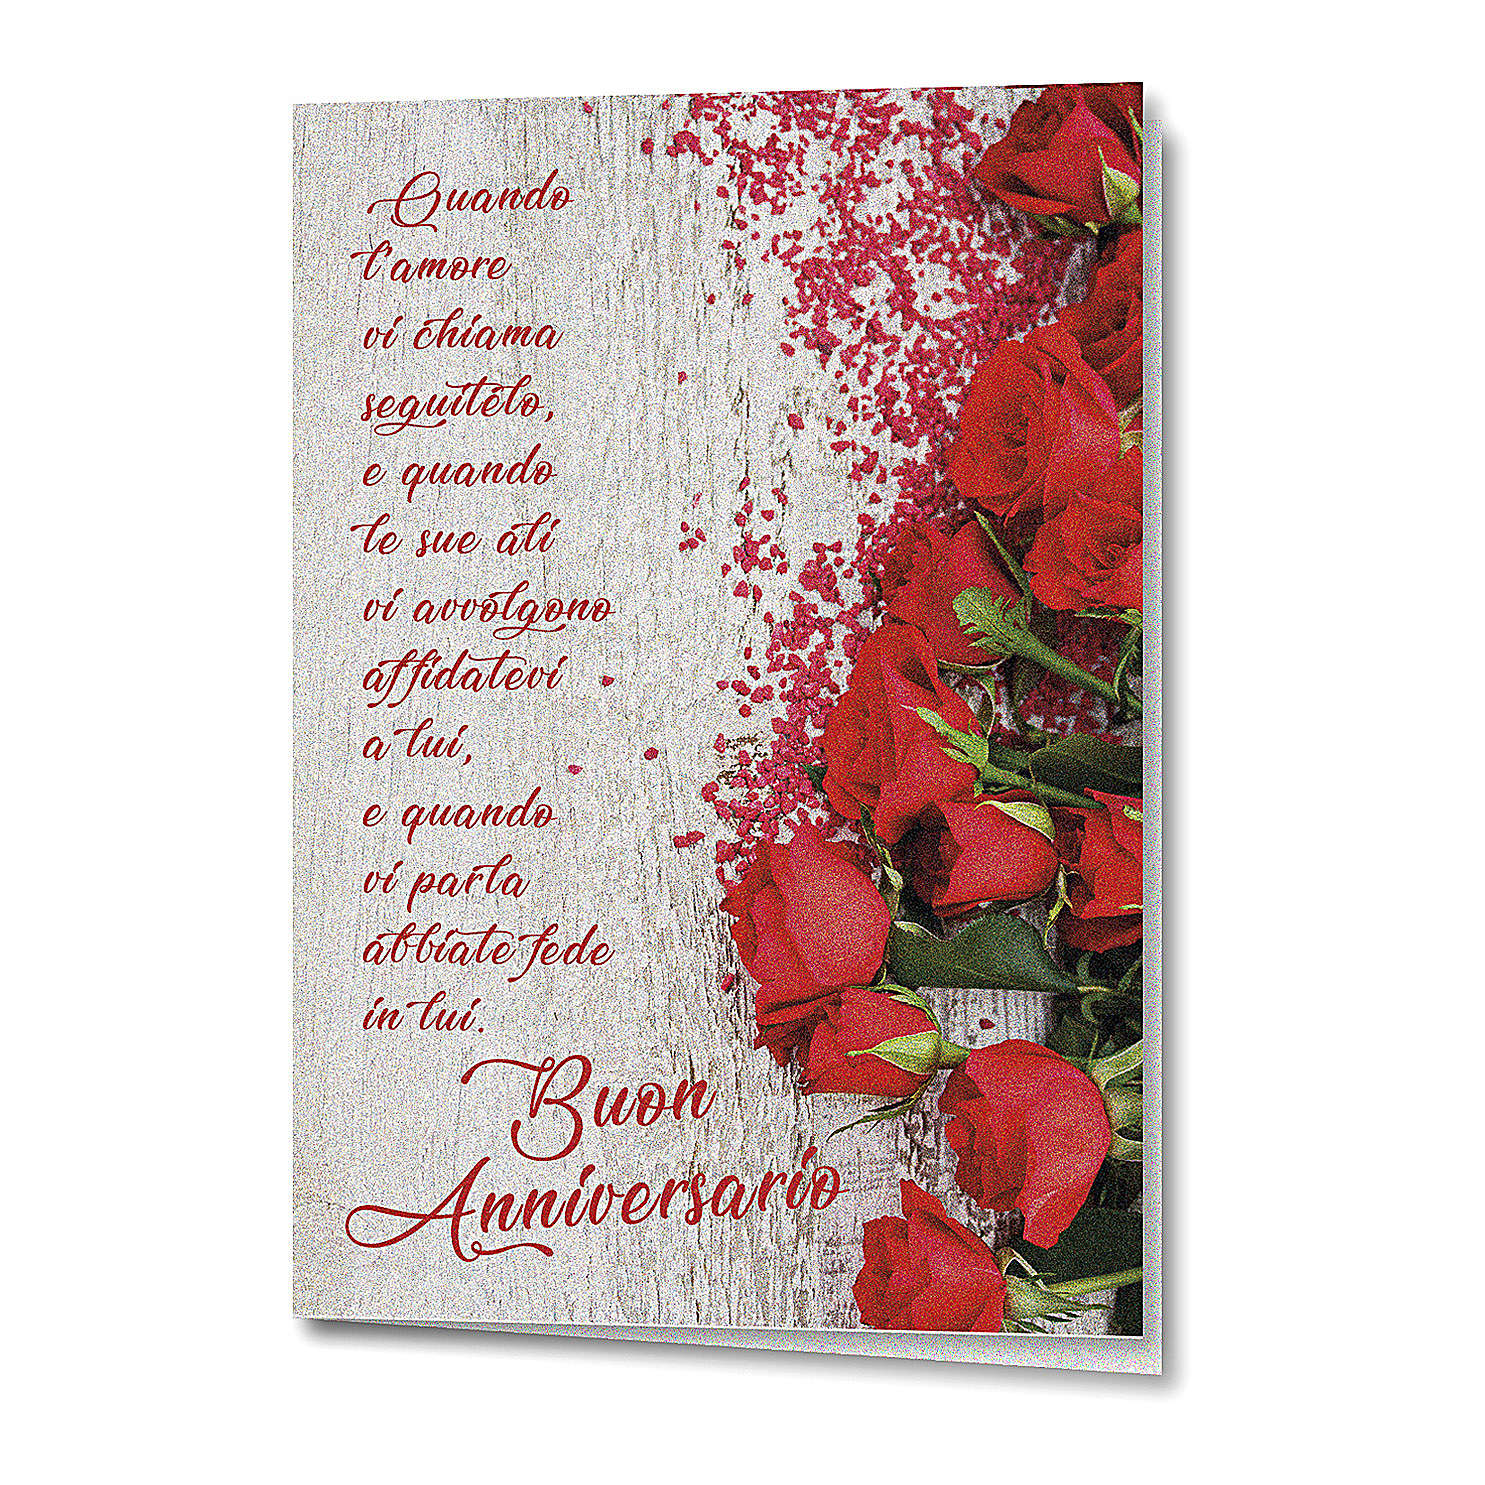 Anniversario Di Matrimonio 47 Anni.Biglietto Augurale Carta Perlata Anniversario Di Nozze Rose Rosse